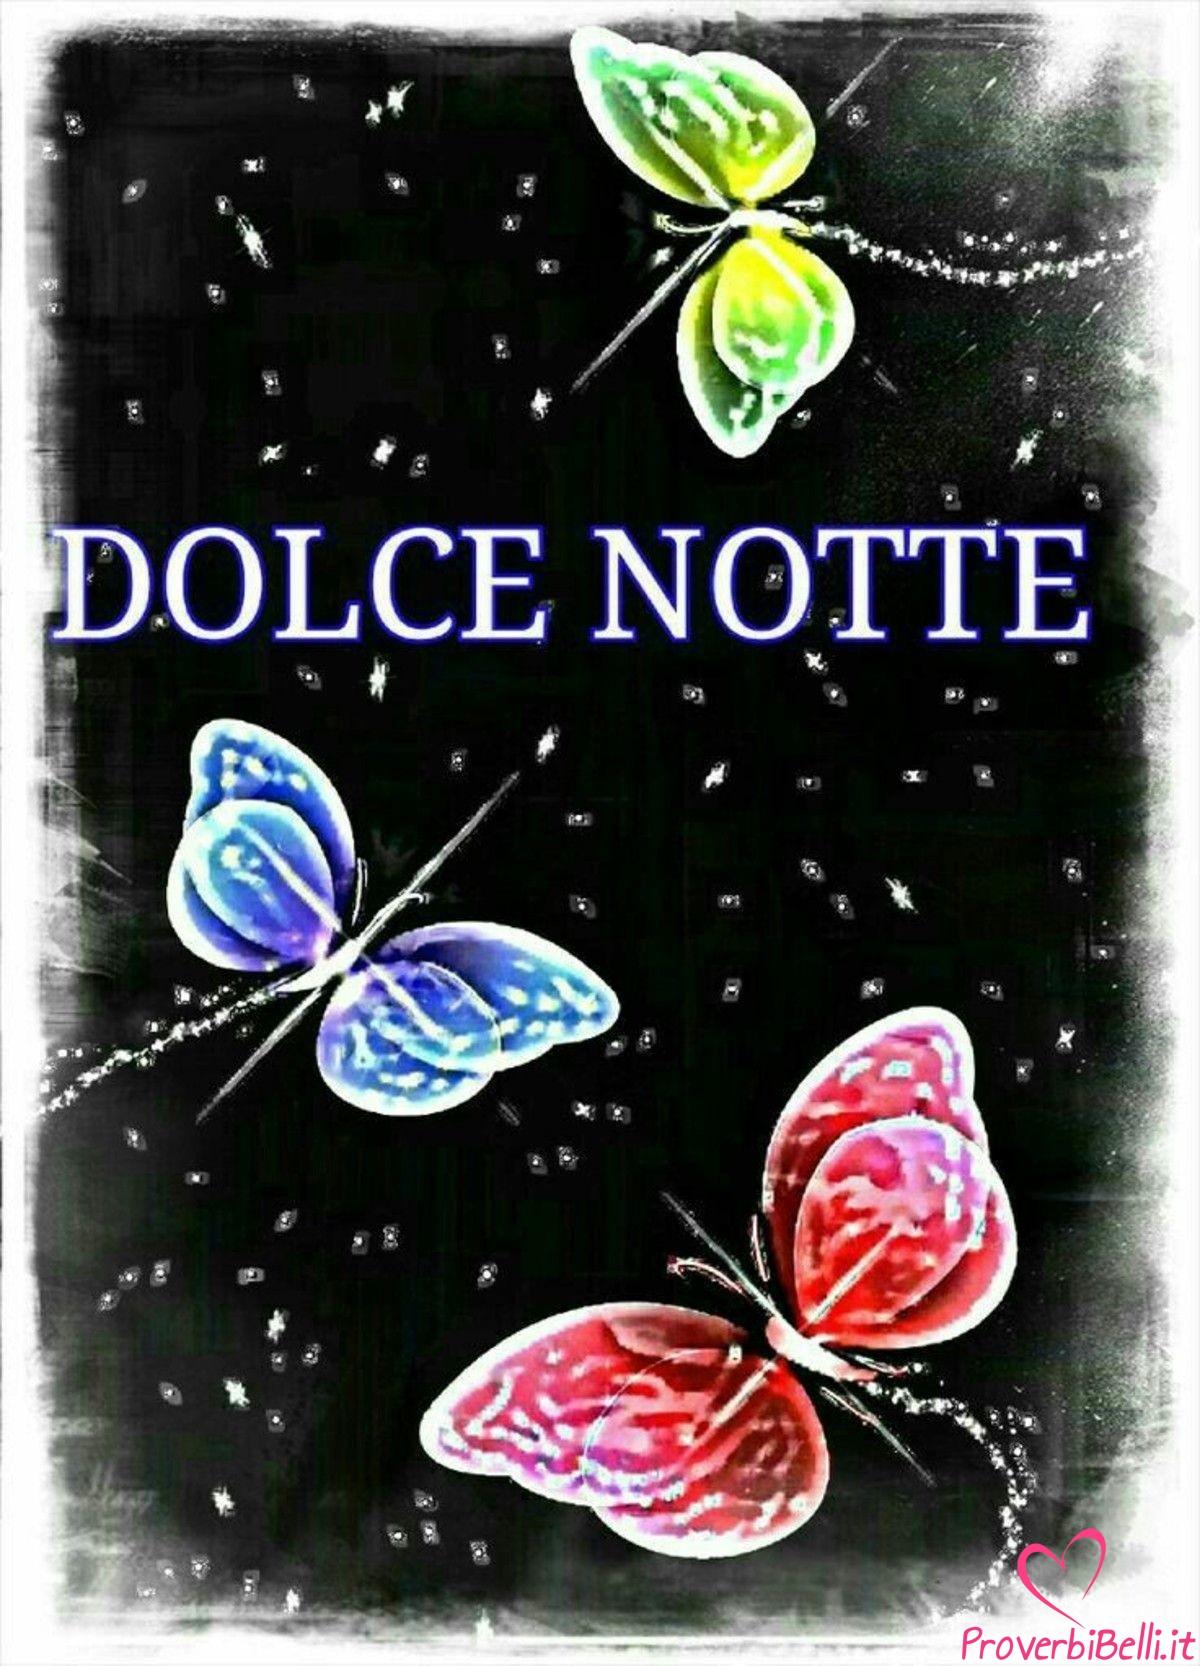 Buonanotte Immagini Animate Gratis Pagina 43 Di 92 Proverbibelli It